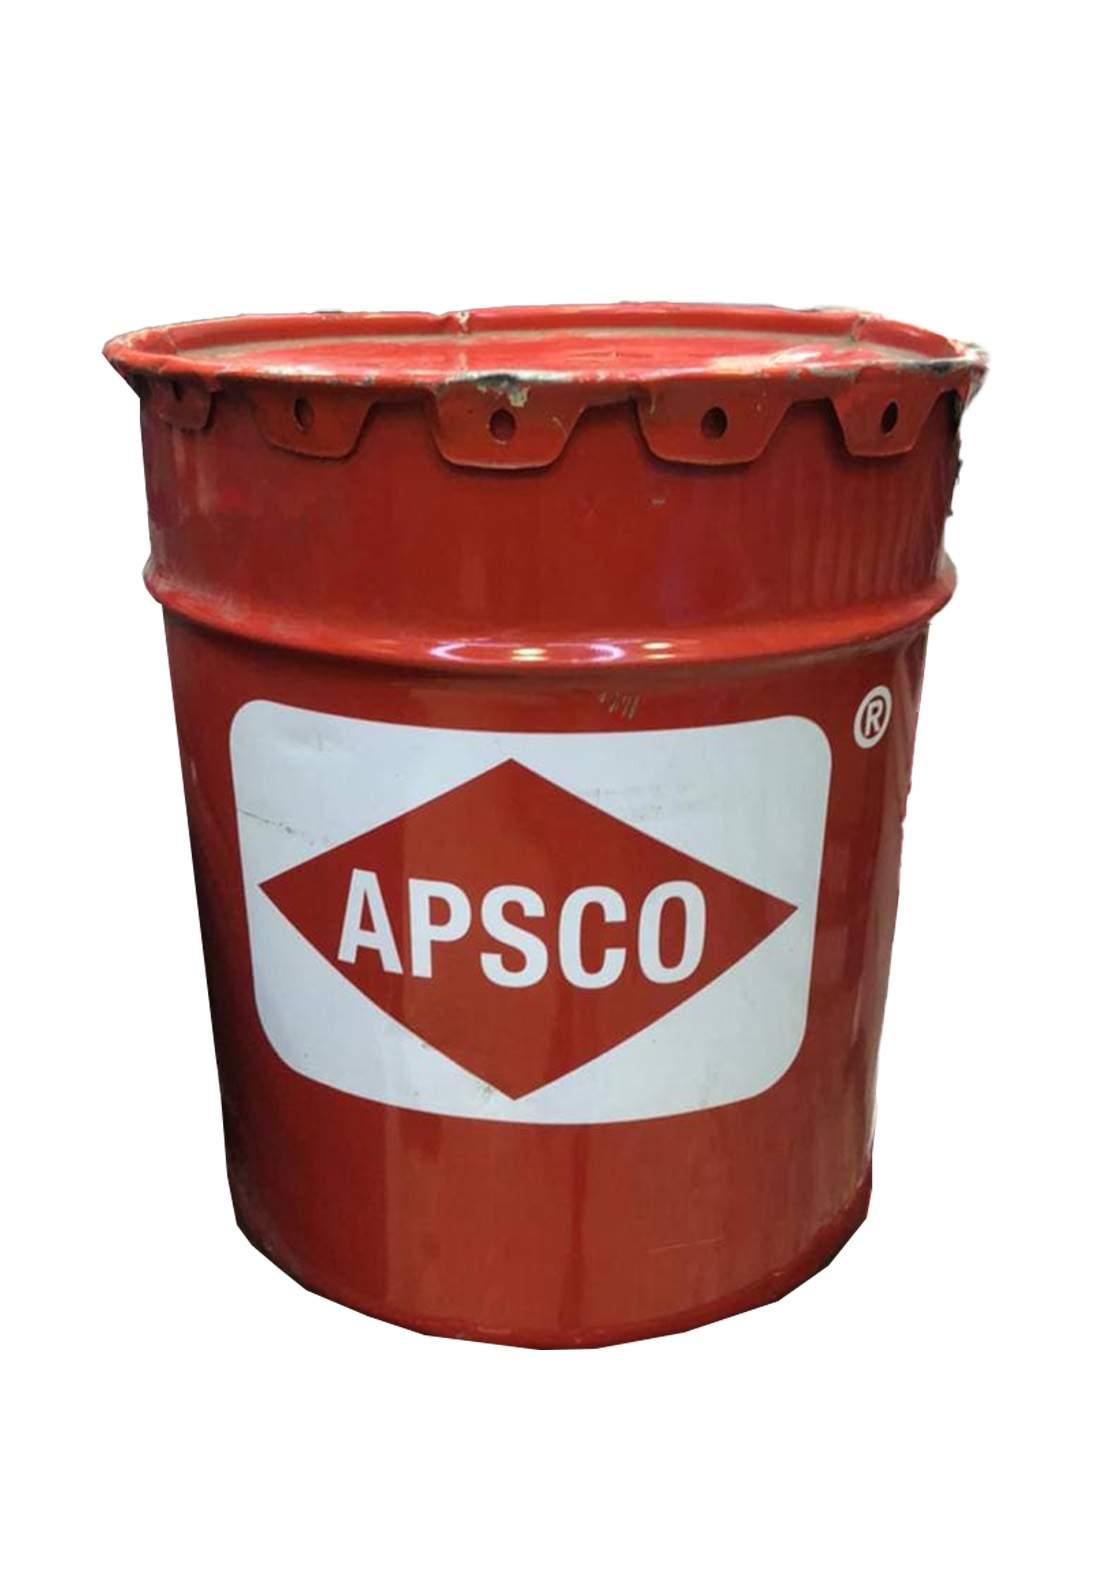 Apsco Lubricating Oil زيت التشحيم